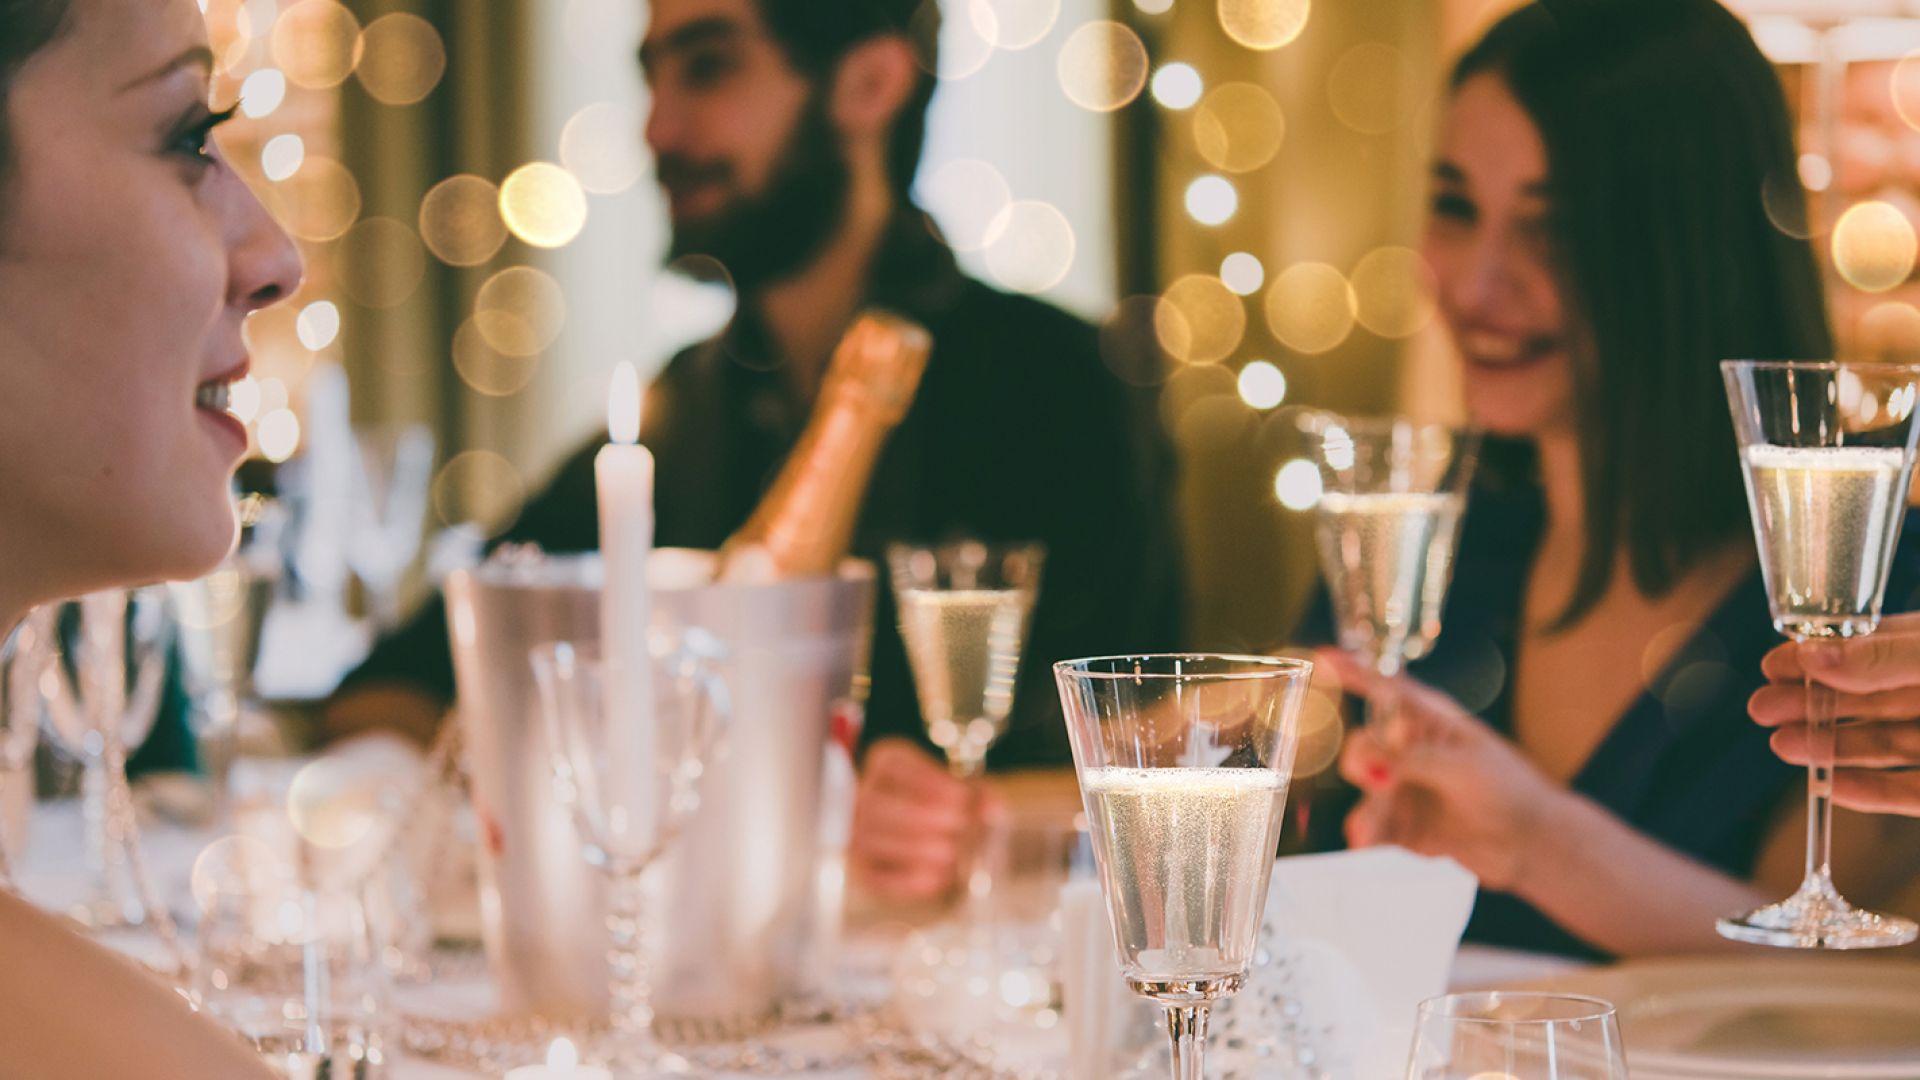 Oferta Fin de Año hoteles<br> Cap Roig y Eden Roc